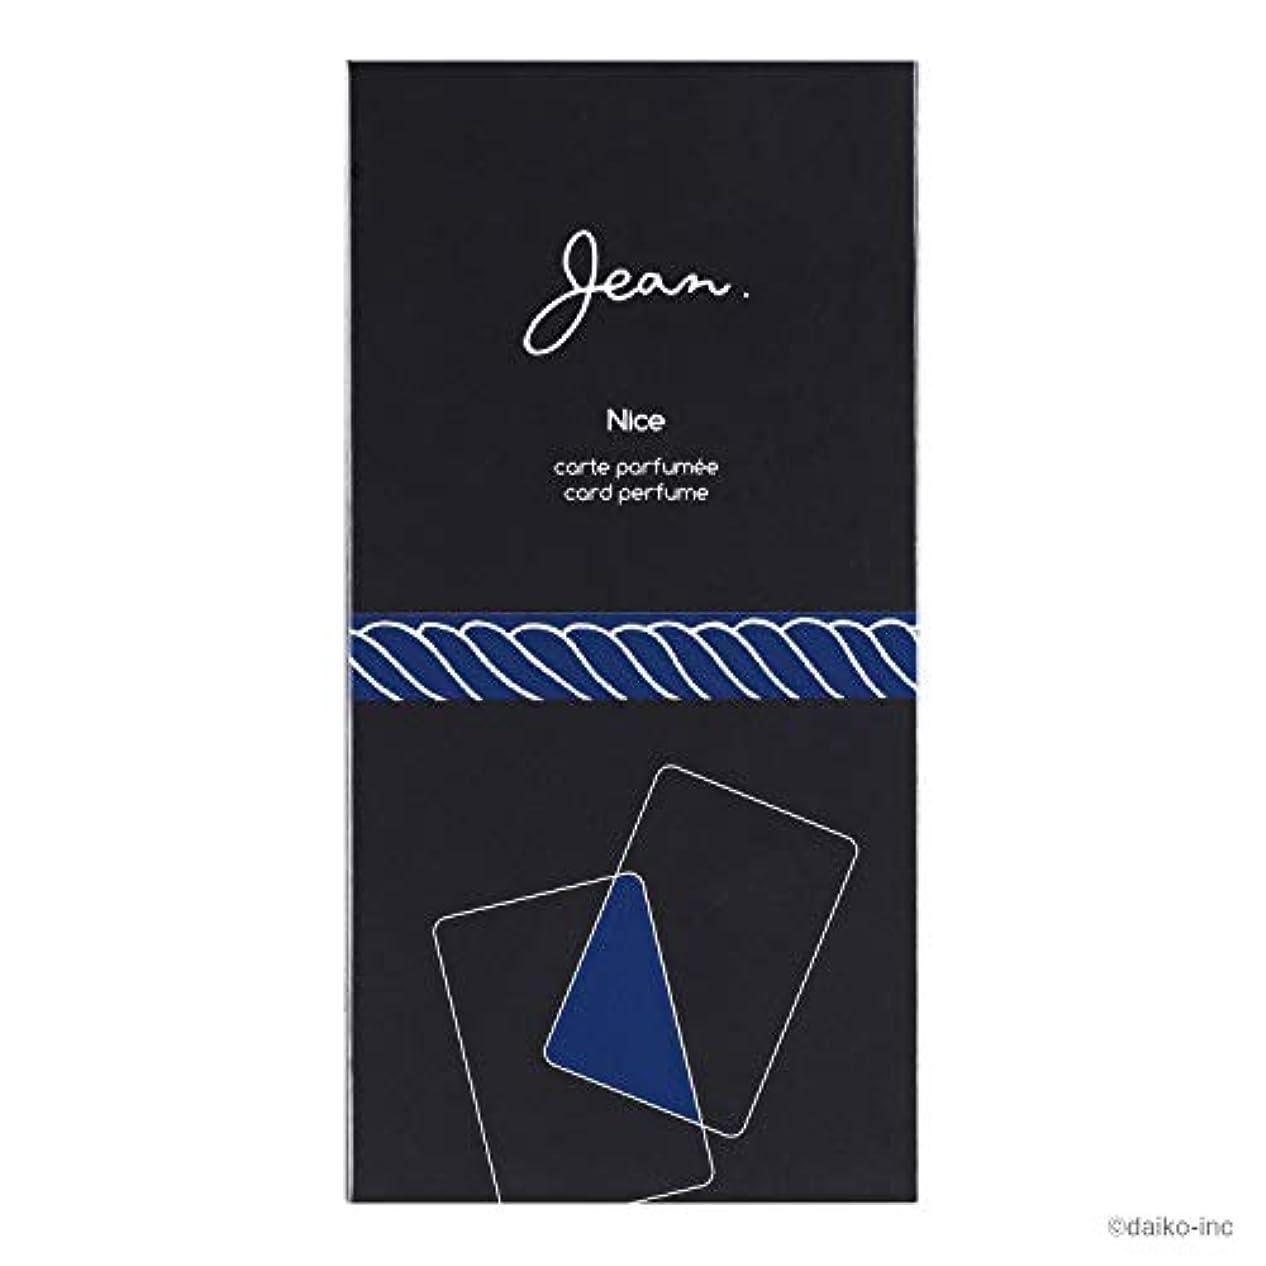 エクステントりおしゃれじゃないJean.カードパフューム ニース